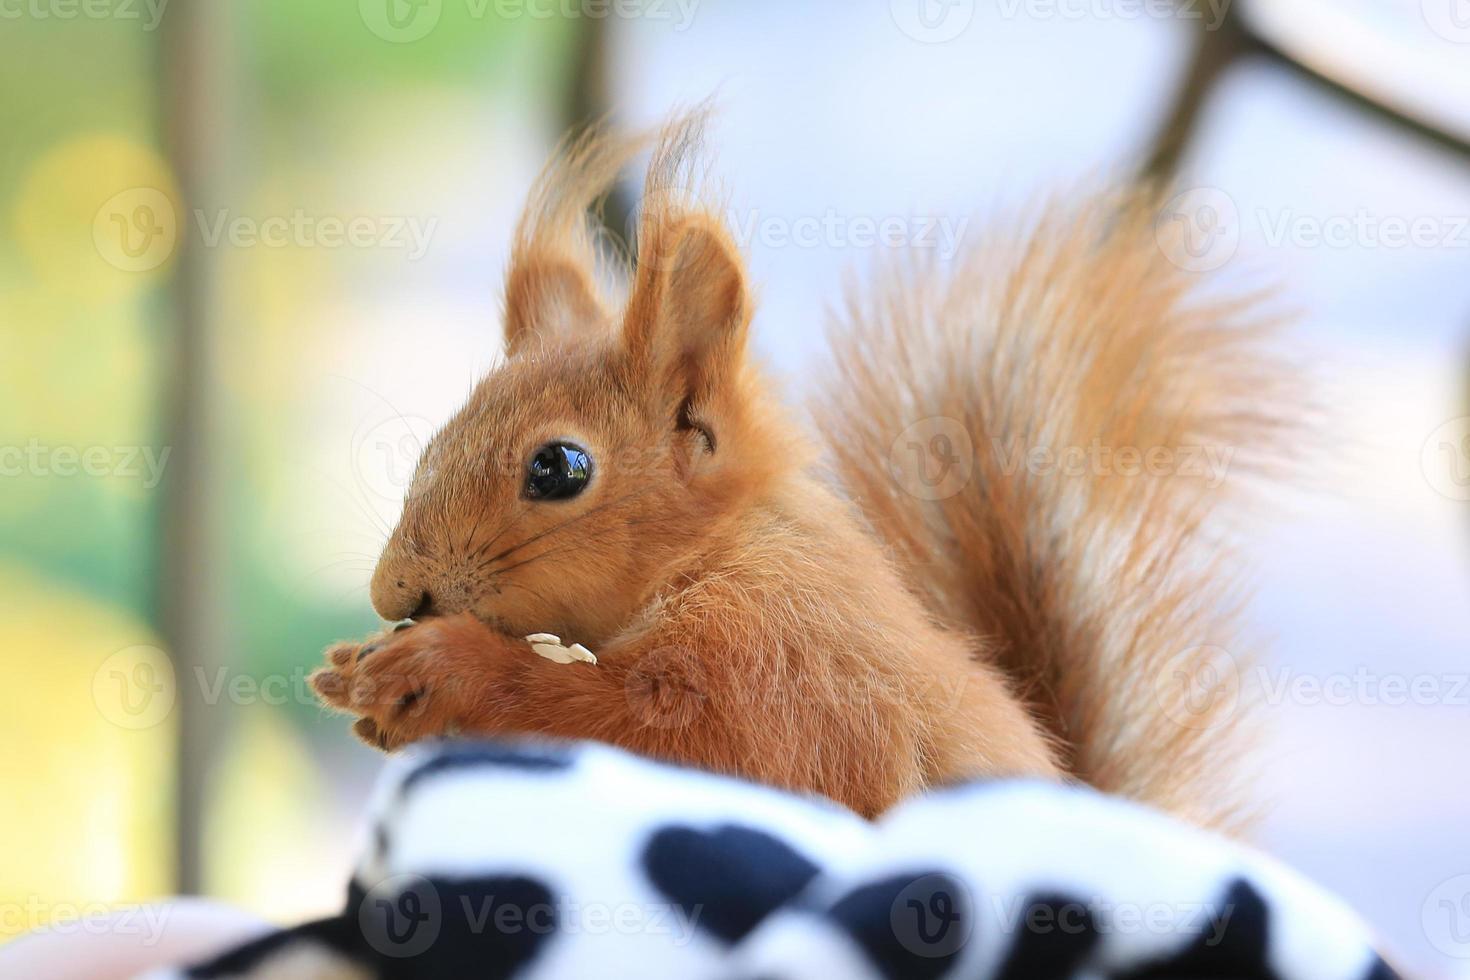 liten baby ekorre sitter och äter frön foto